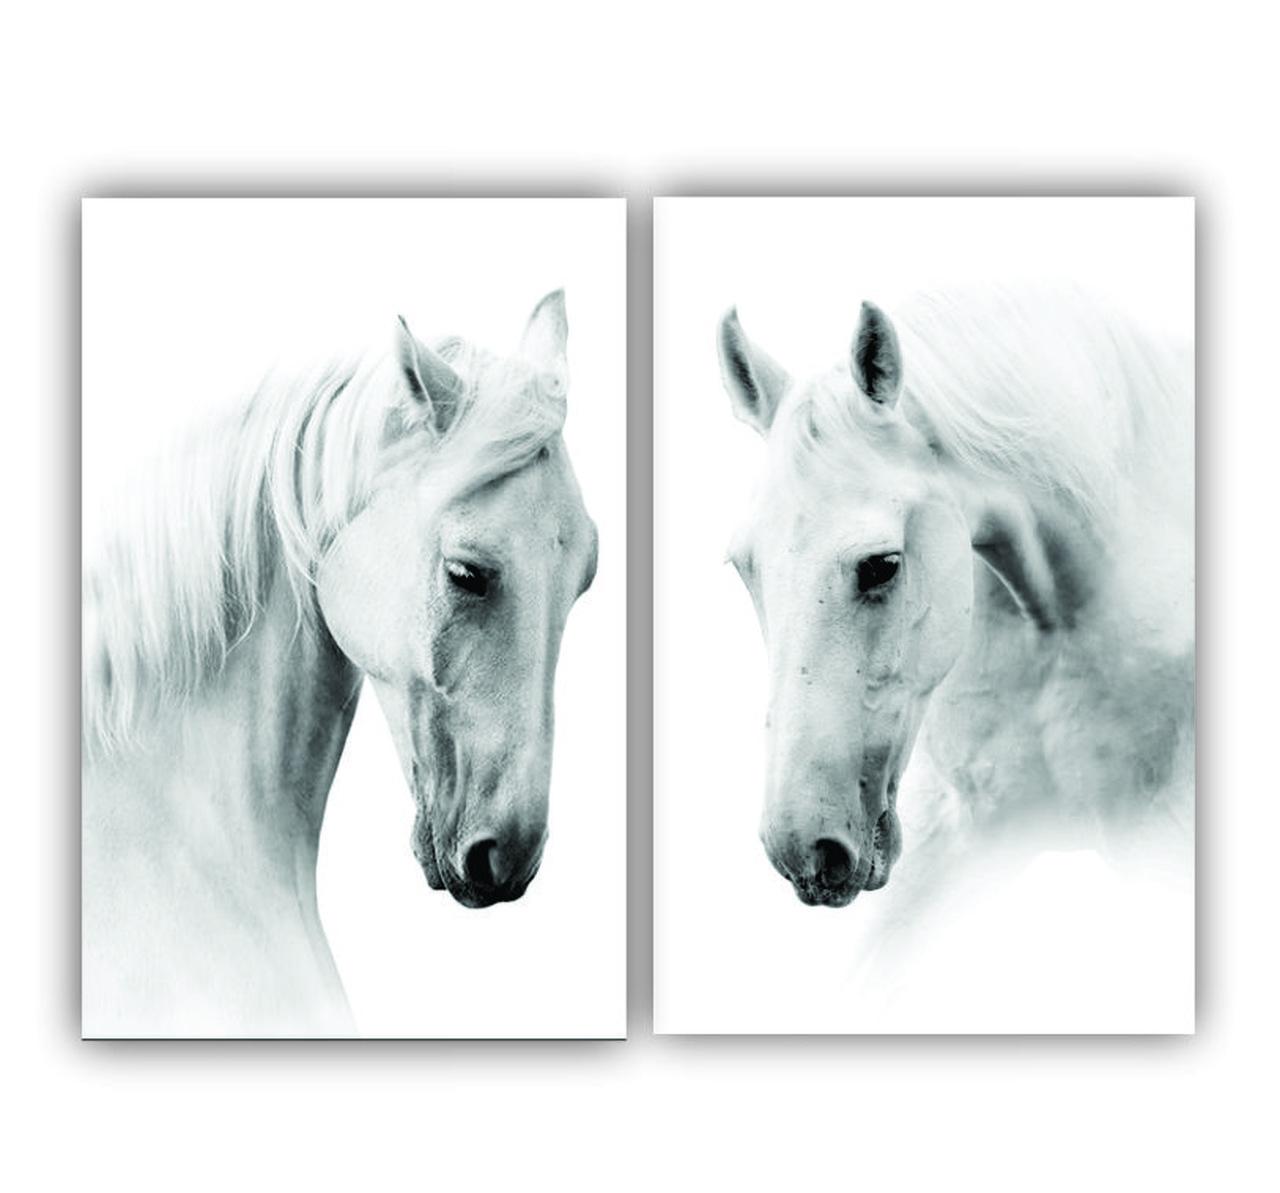 Quadro  Cavalo Branco Duplo-  Kit 2 telas